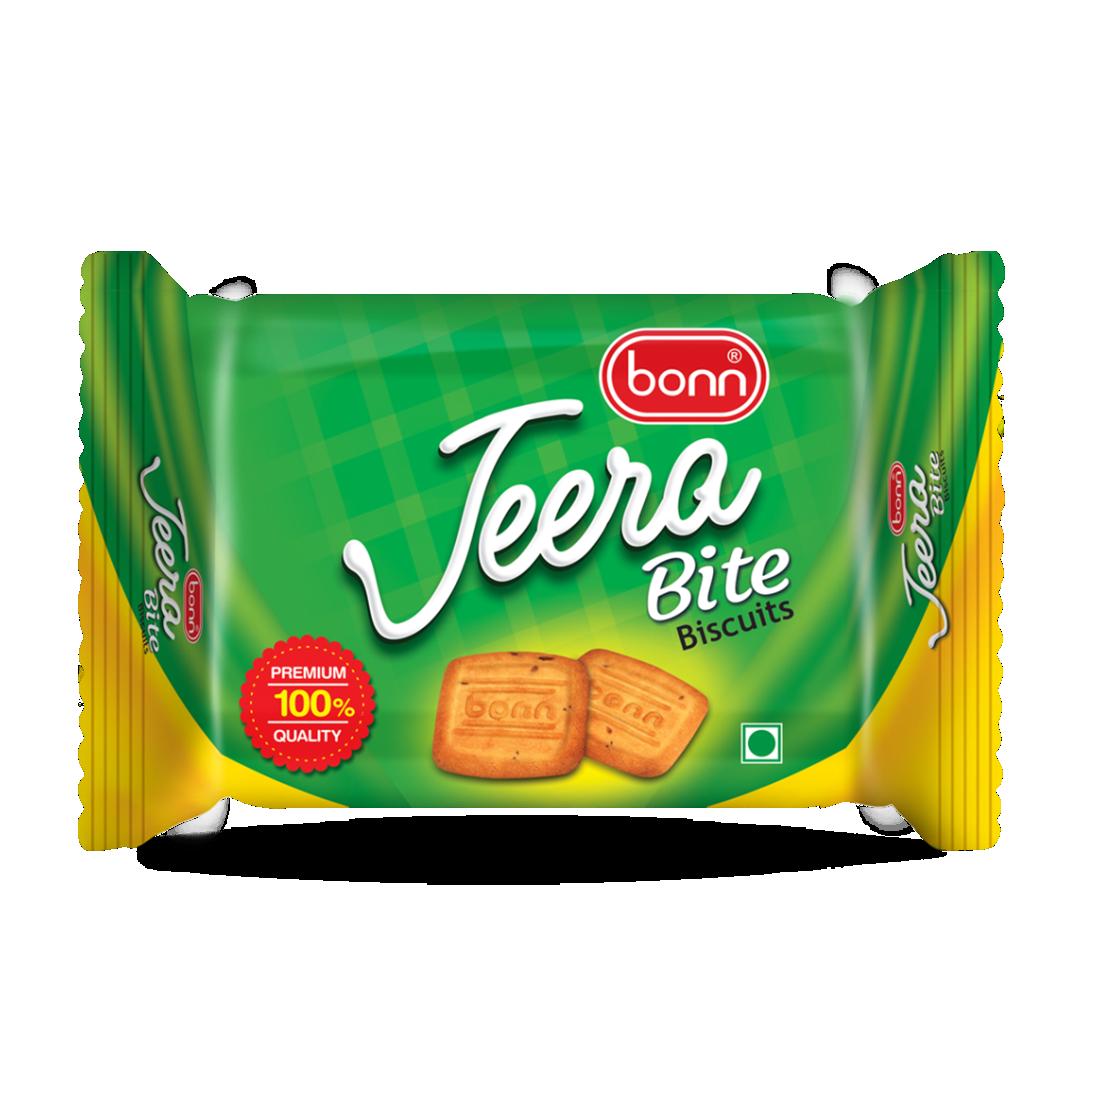 Bonn Jeera Bite Biscuits